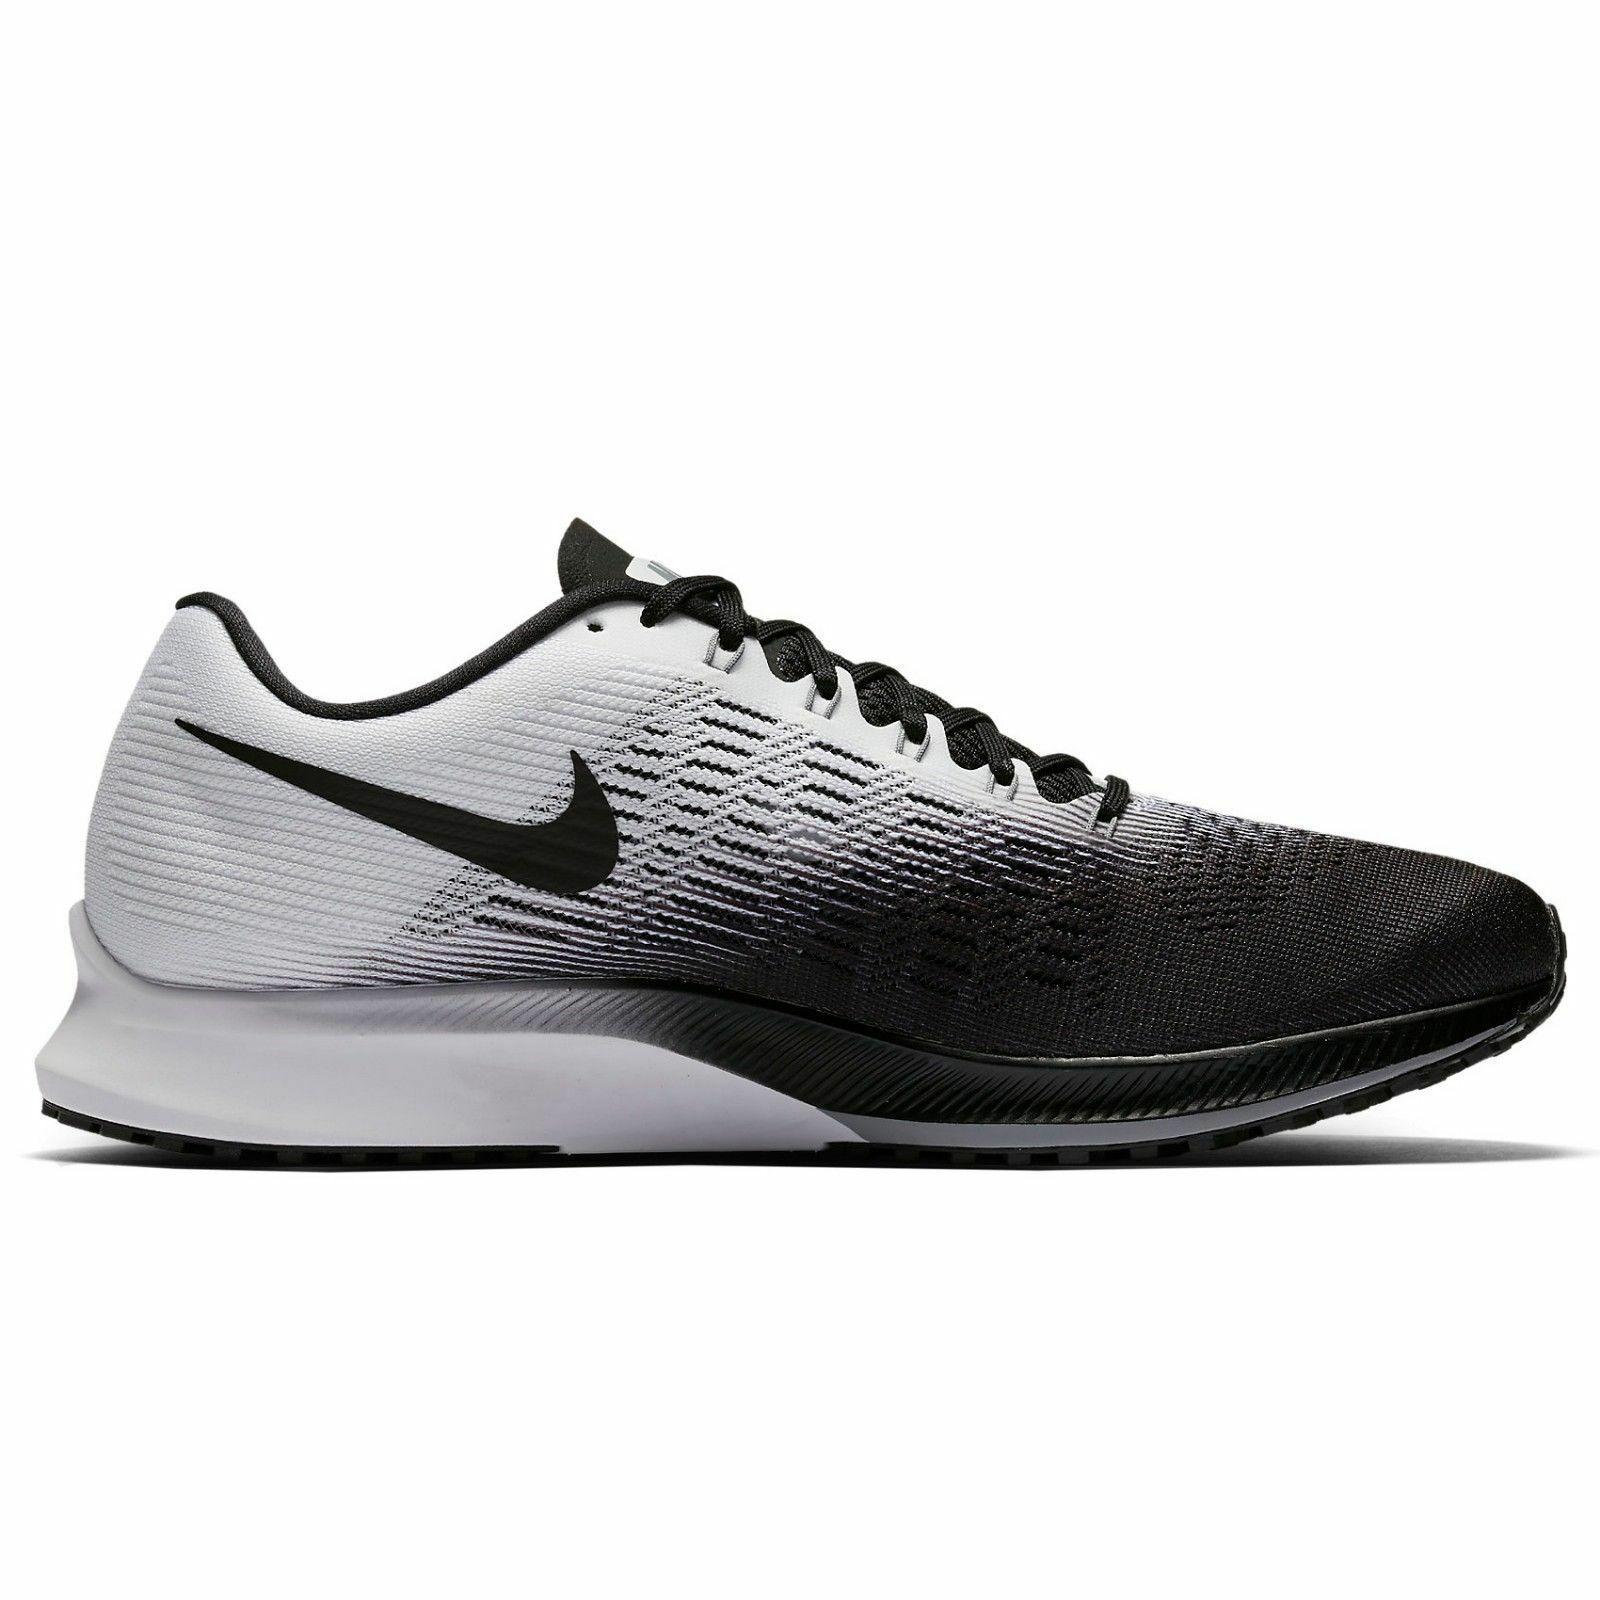 HERREN Nike Air Zoom Elite 9 Schuh Größe 13 and 50 similar items